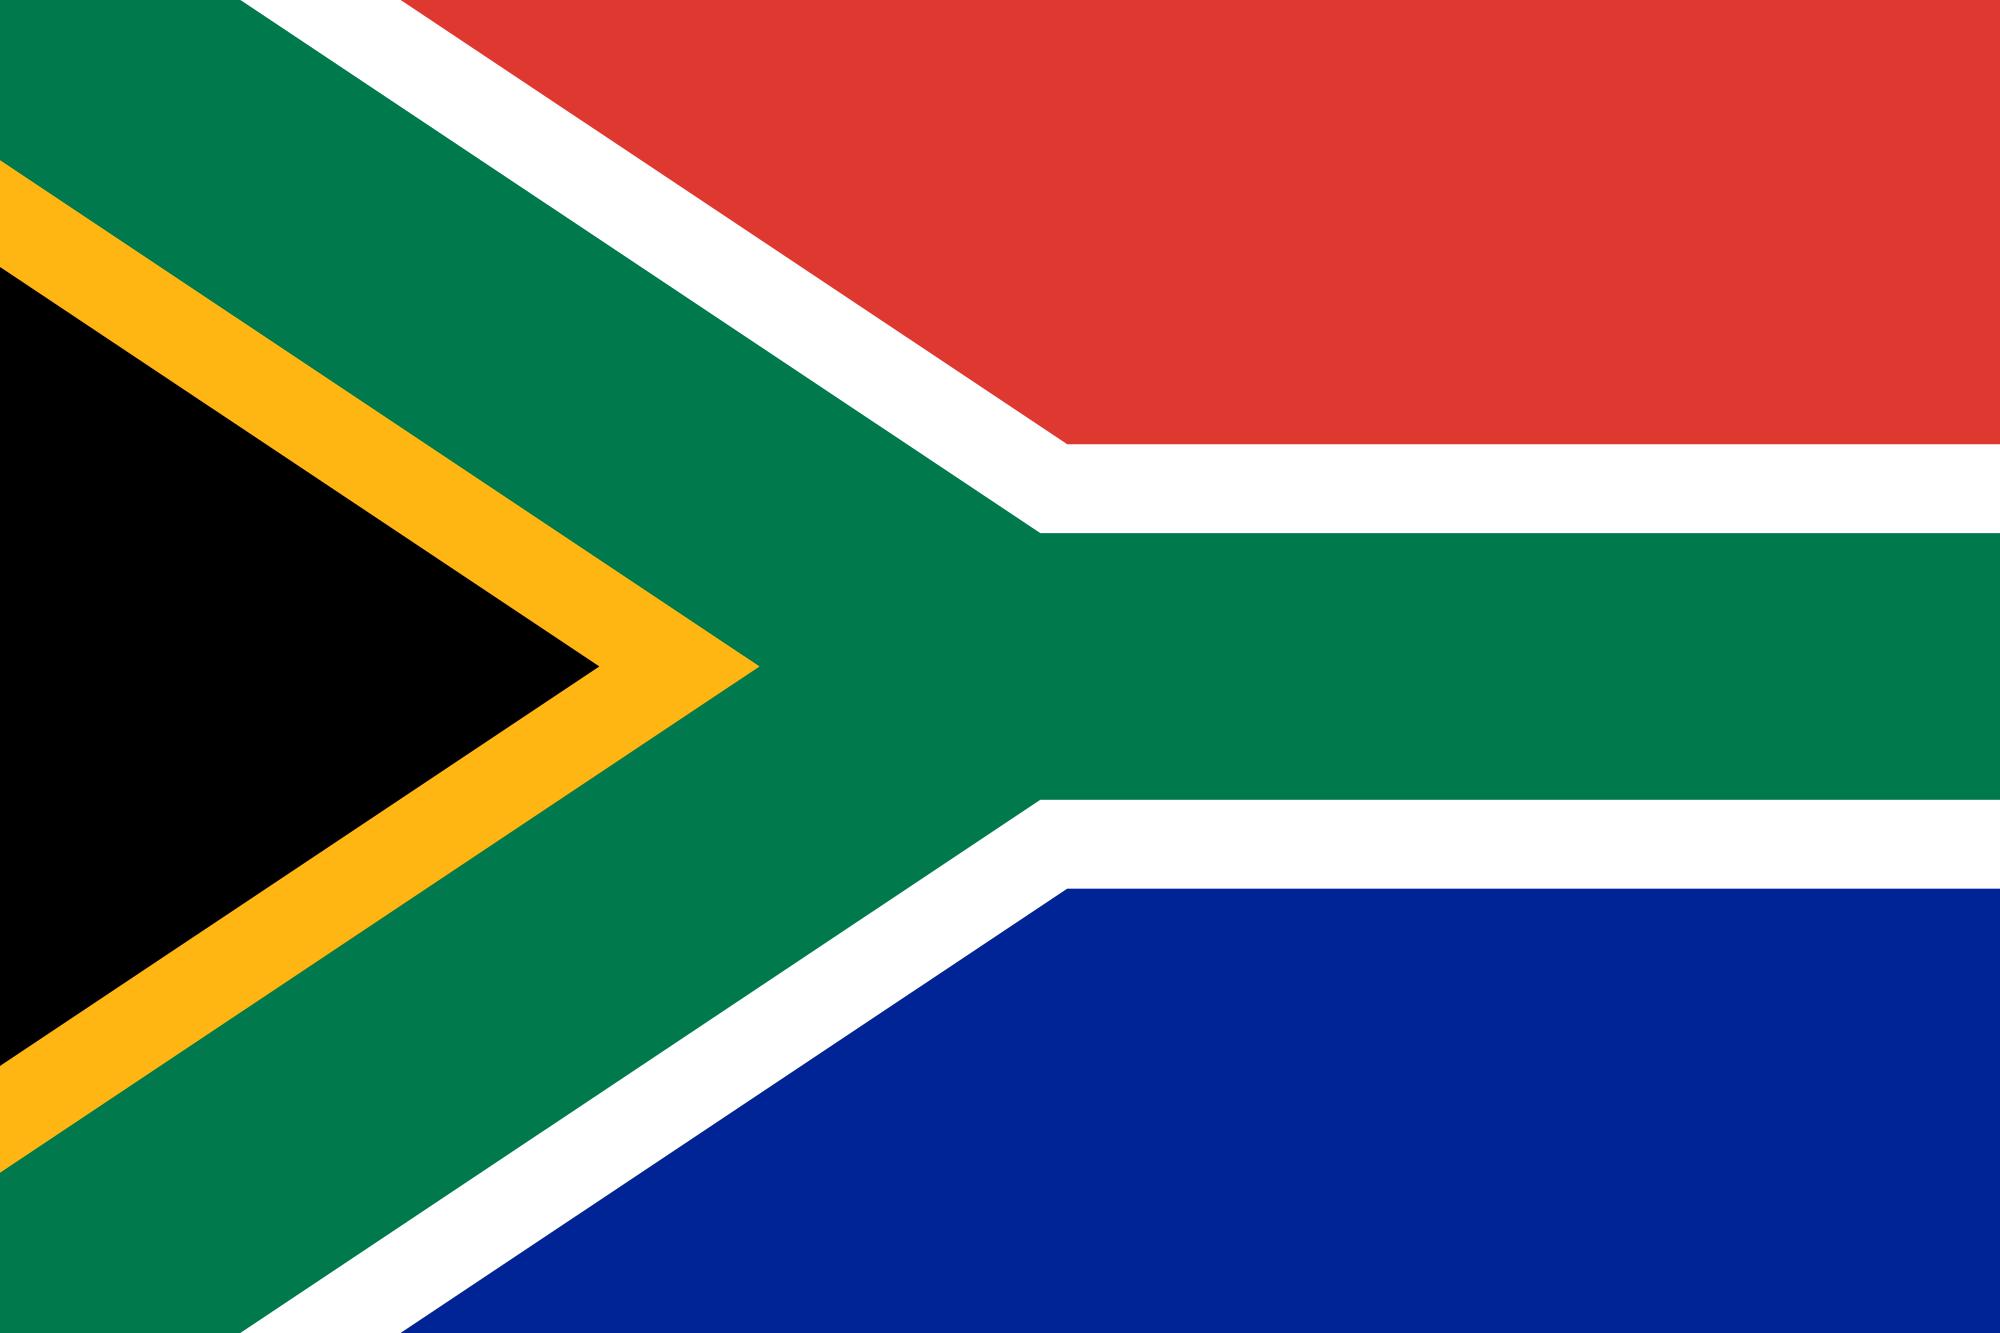 Bandiera sud africa resolfin vendita bandiere for Tavolo esterno 70x100